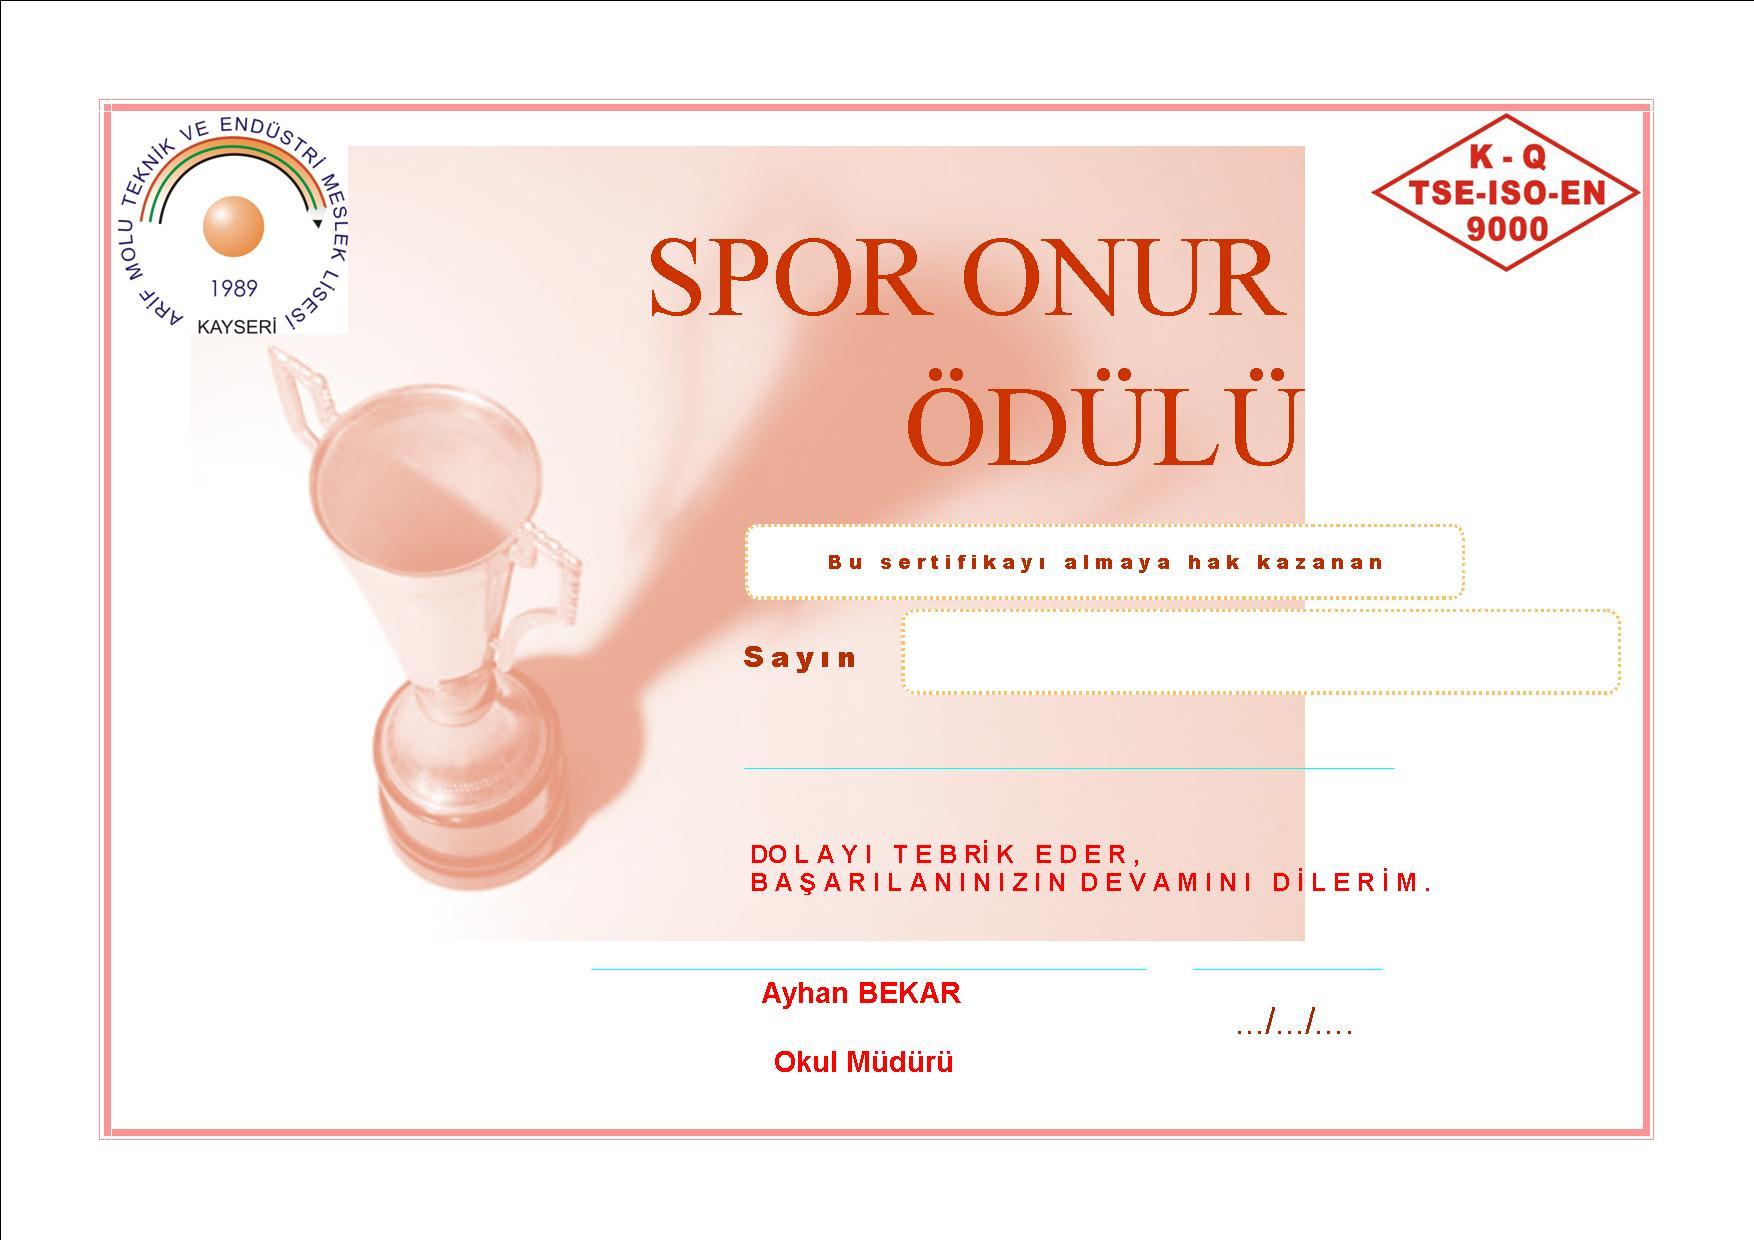 spor onur ödülü başarı belgeleri